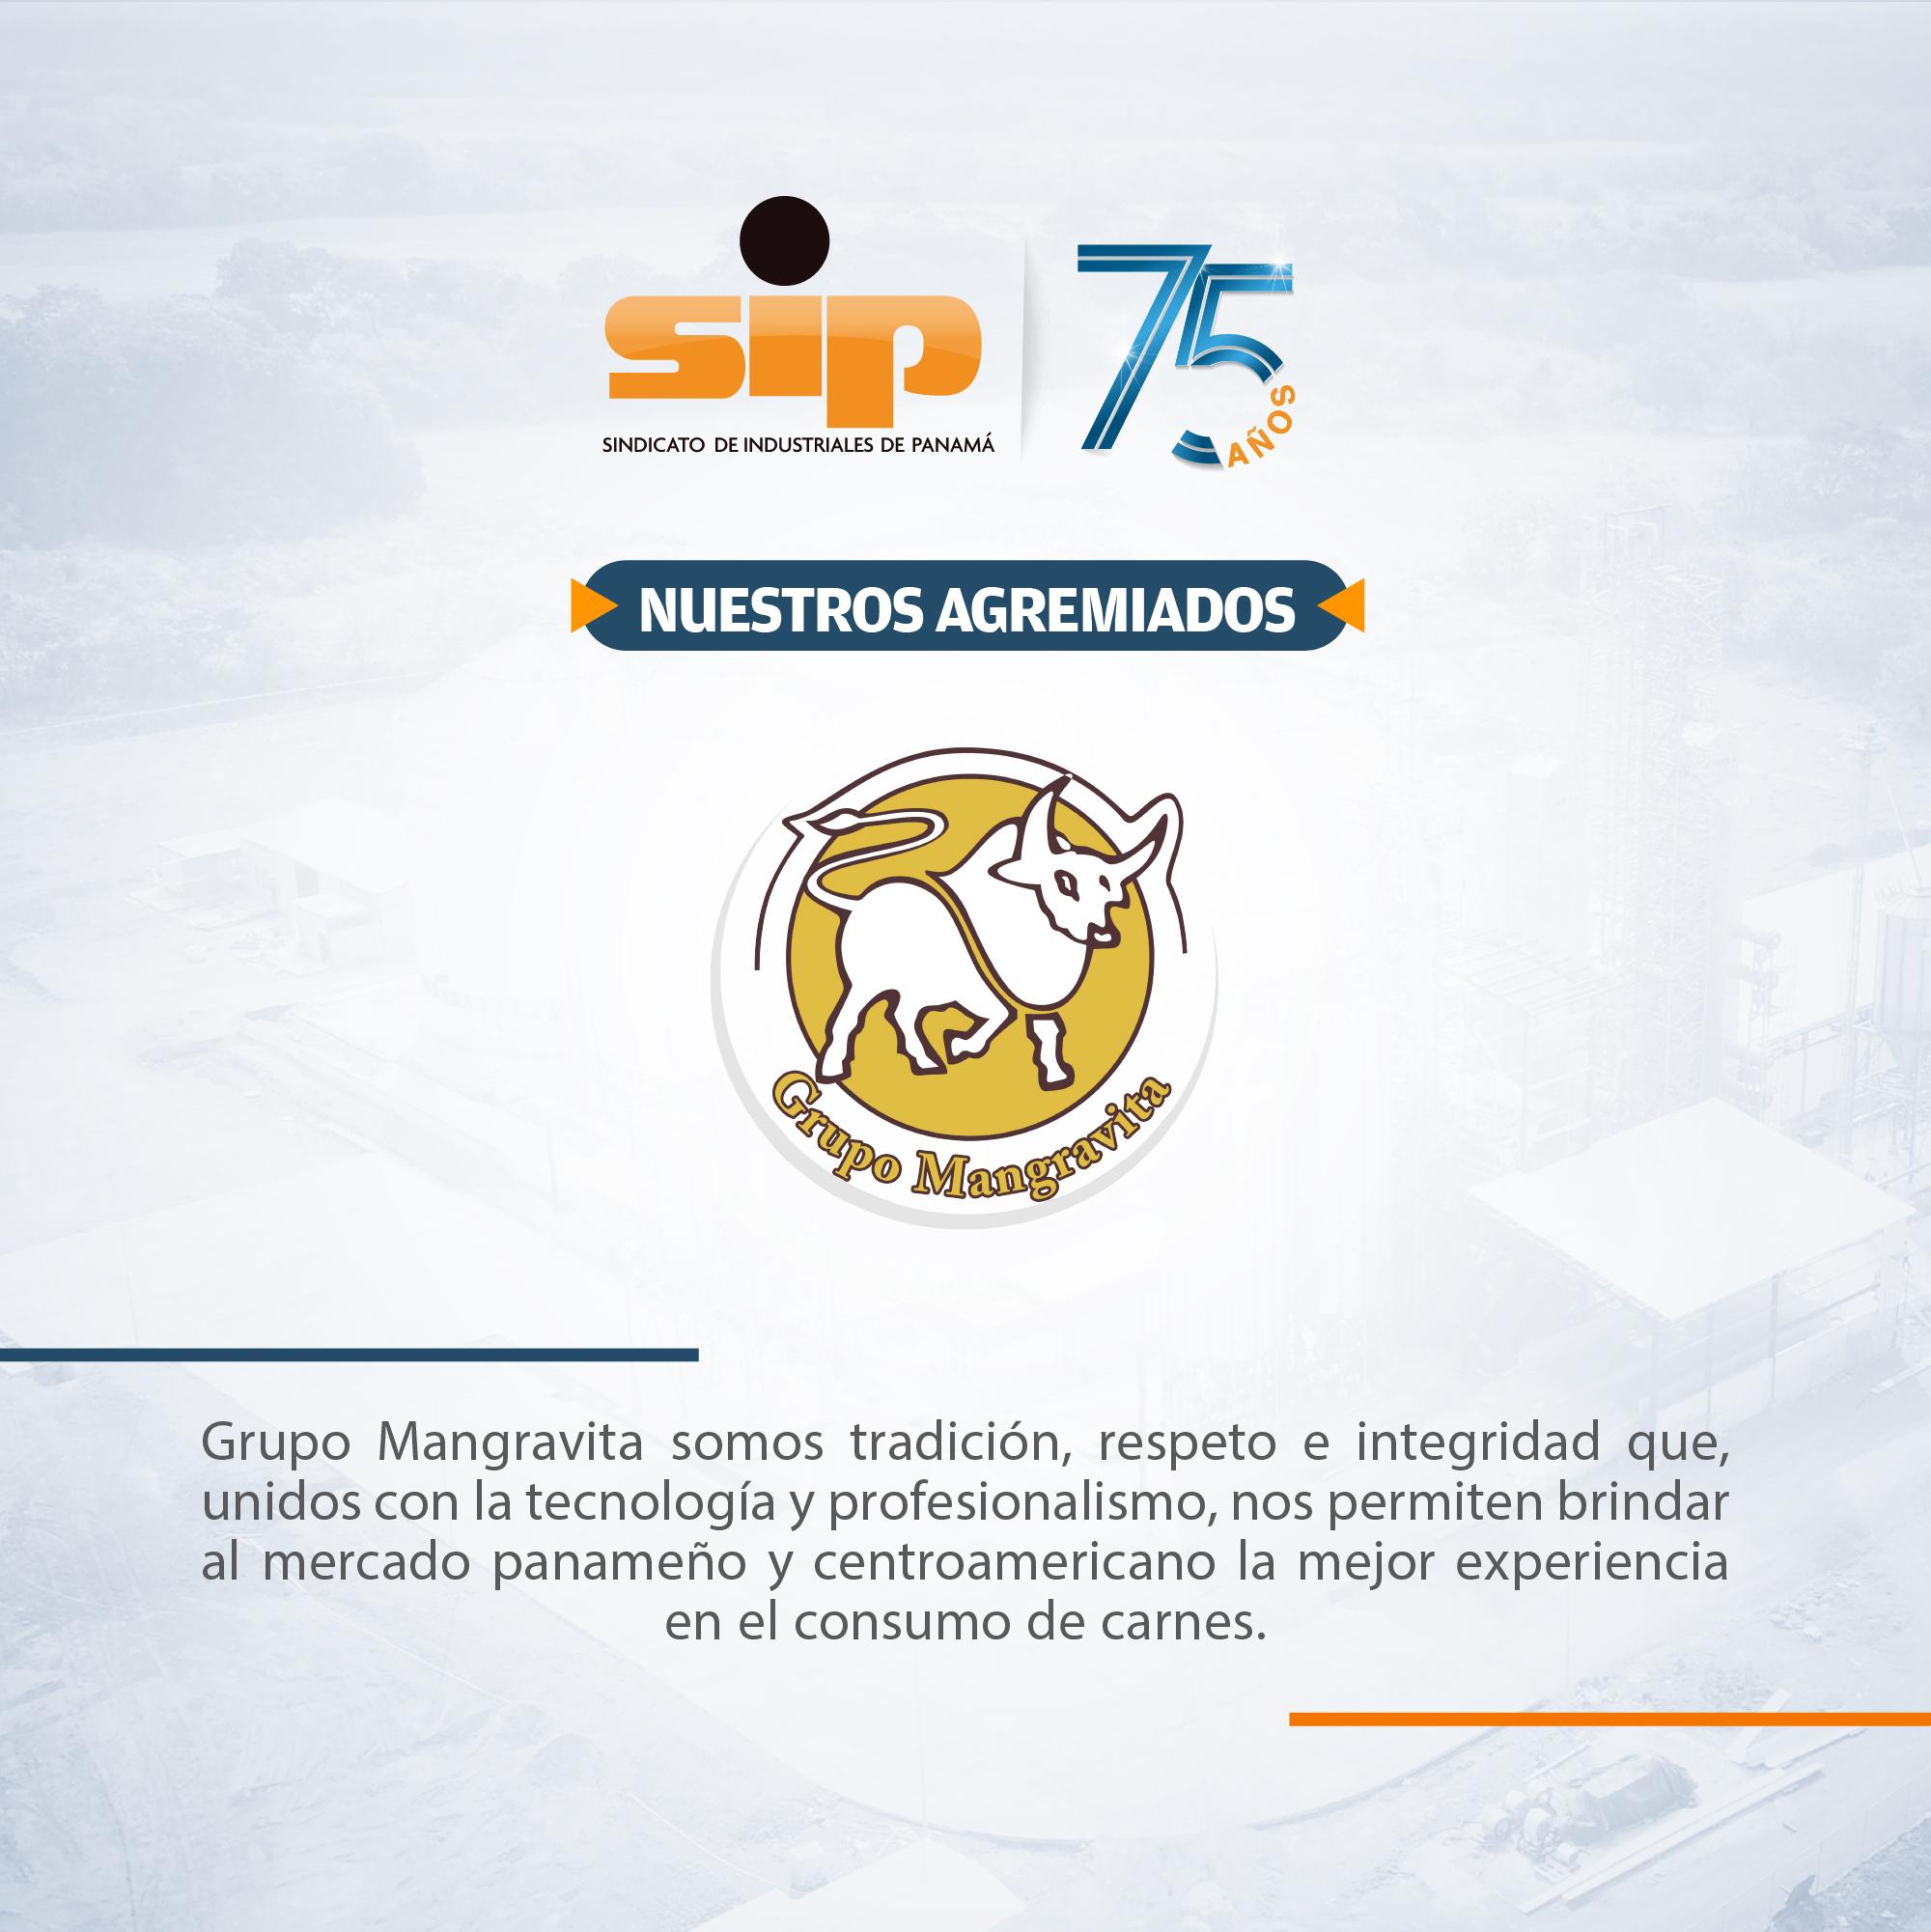 Grupo Mangravita